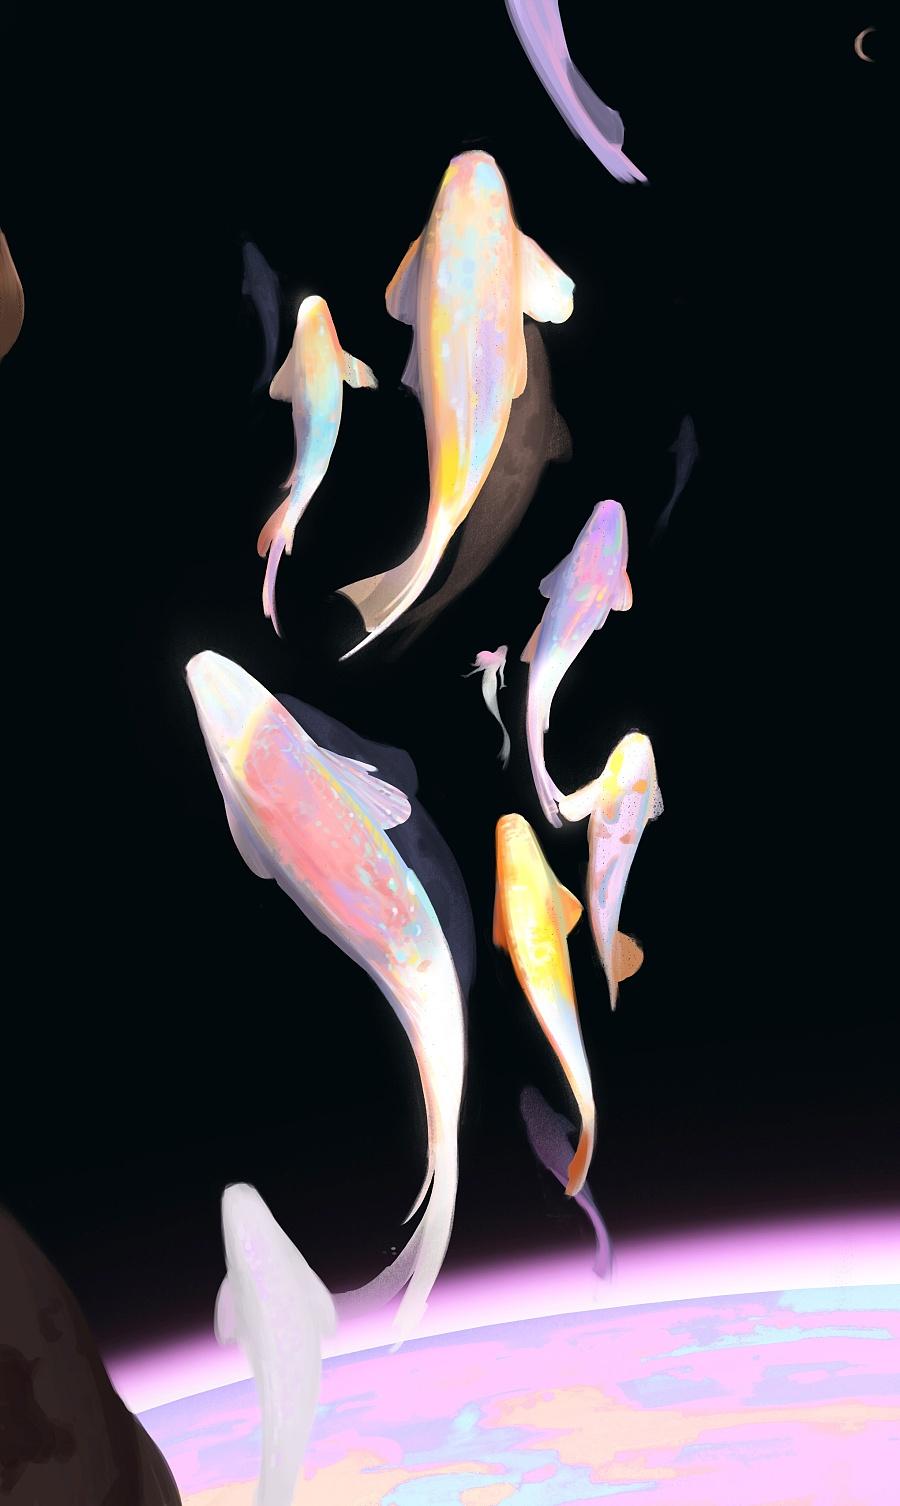 查看《宝石宇宙》原图,原图尺寸:2040x3413